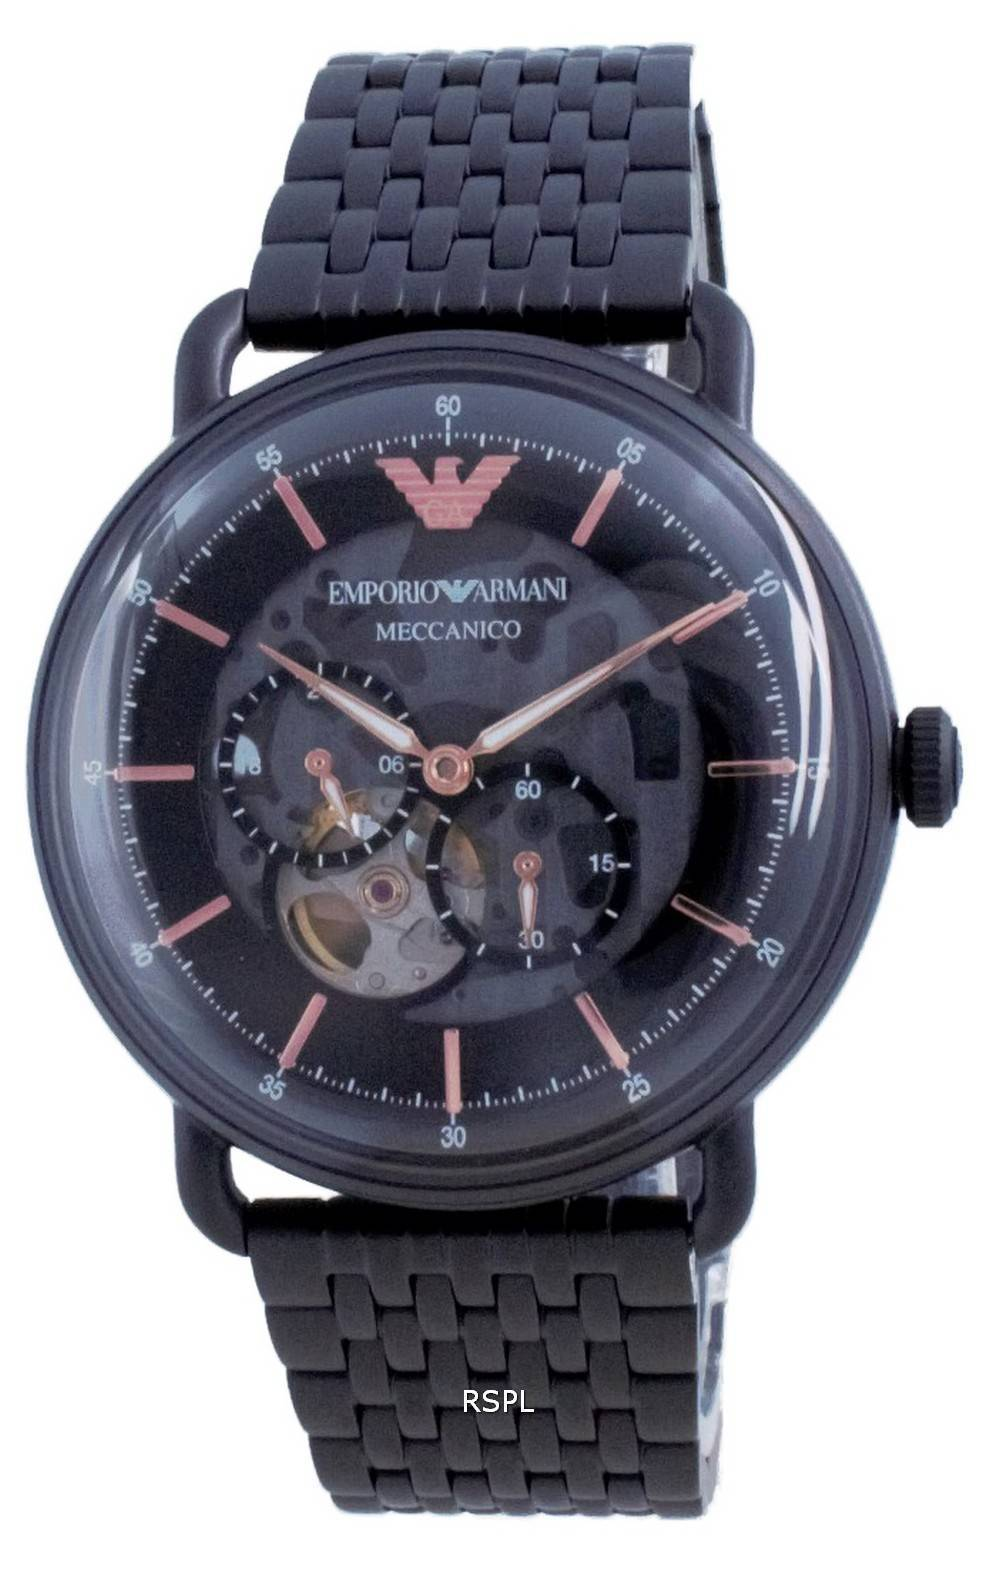 Emporio Armani Aviator musta kellotaulu ruostumattomasta teräksestä automaattinen AR60025 miesten kello